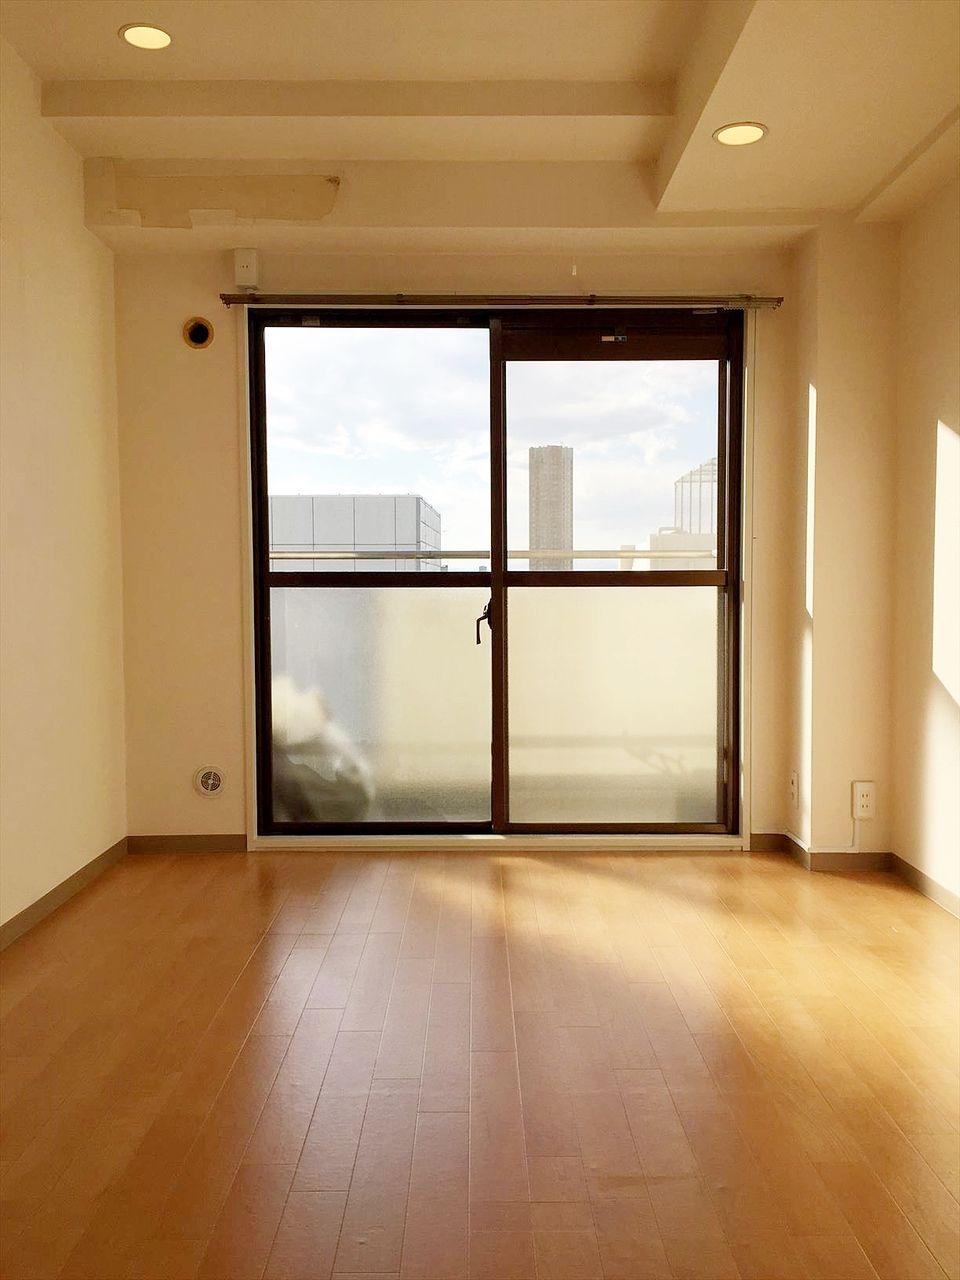 池袋の分譲賃貸マンションです。最上階のお部屋で日当たり良好、晴れた日には富士山も見えます。ファミリー向きのお部屋ですがルームシェアも可能です。